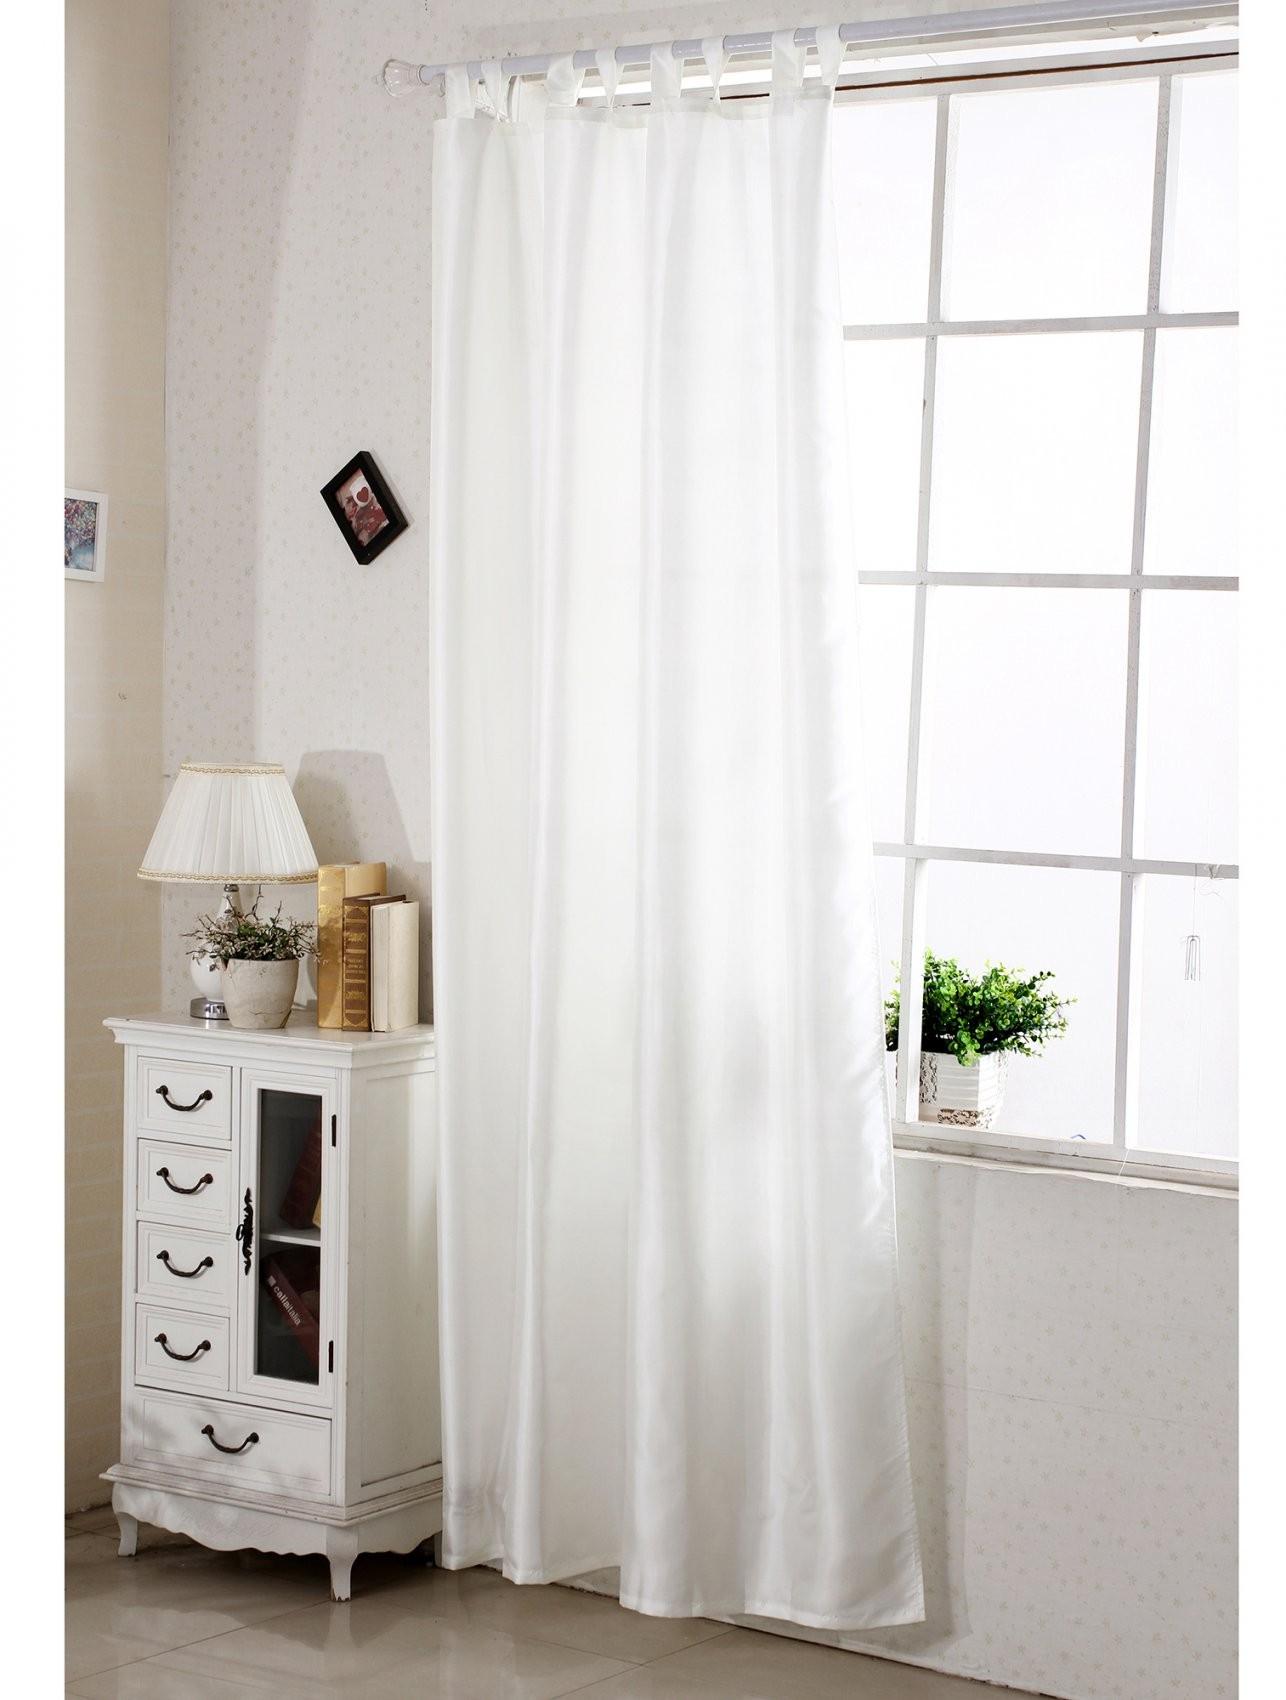 Gardinen Vorhang Halbtransparent Schlaufen  Ösen Schal Fenster von Halbtransparente Gardinen Vorhänge Bild